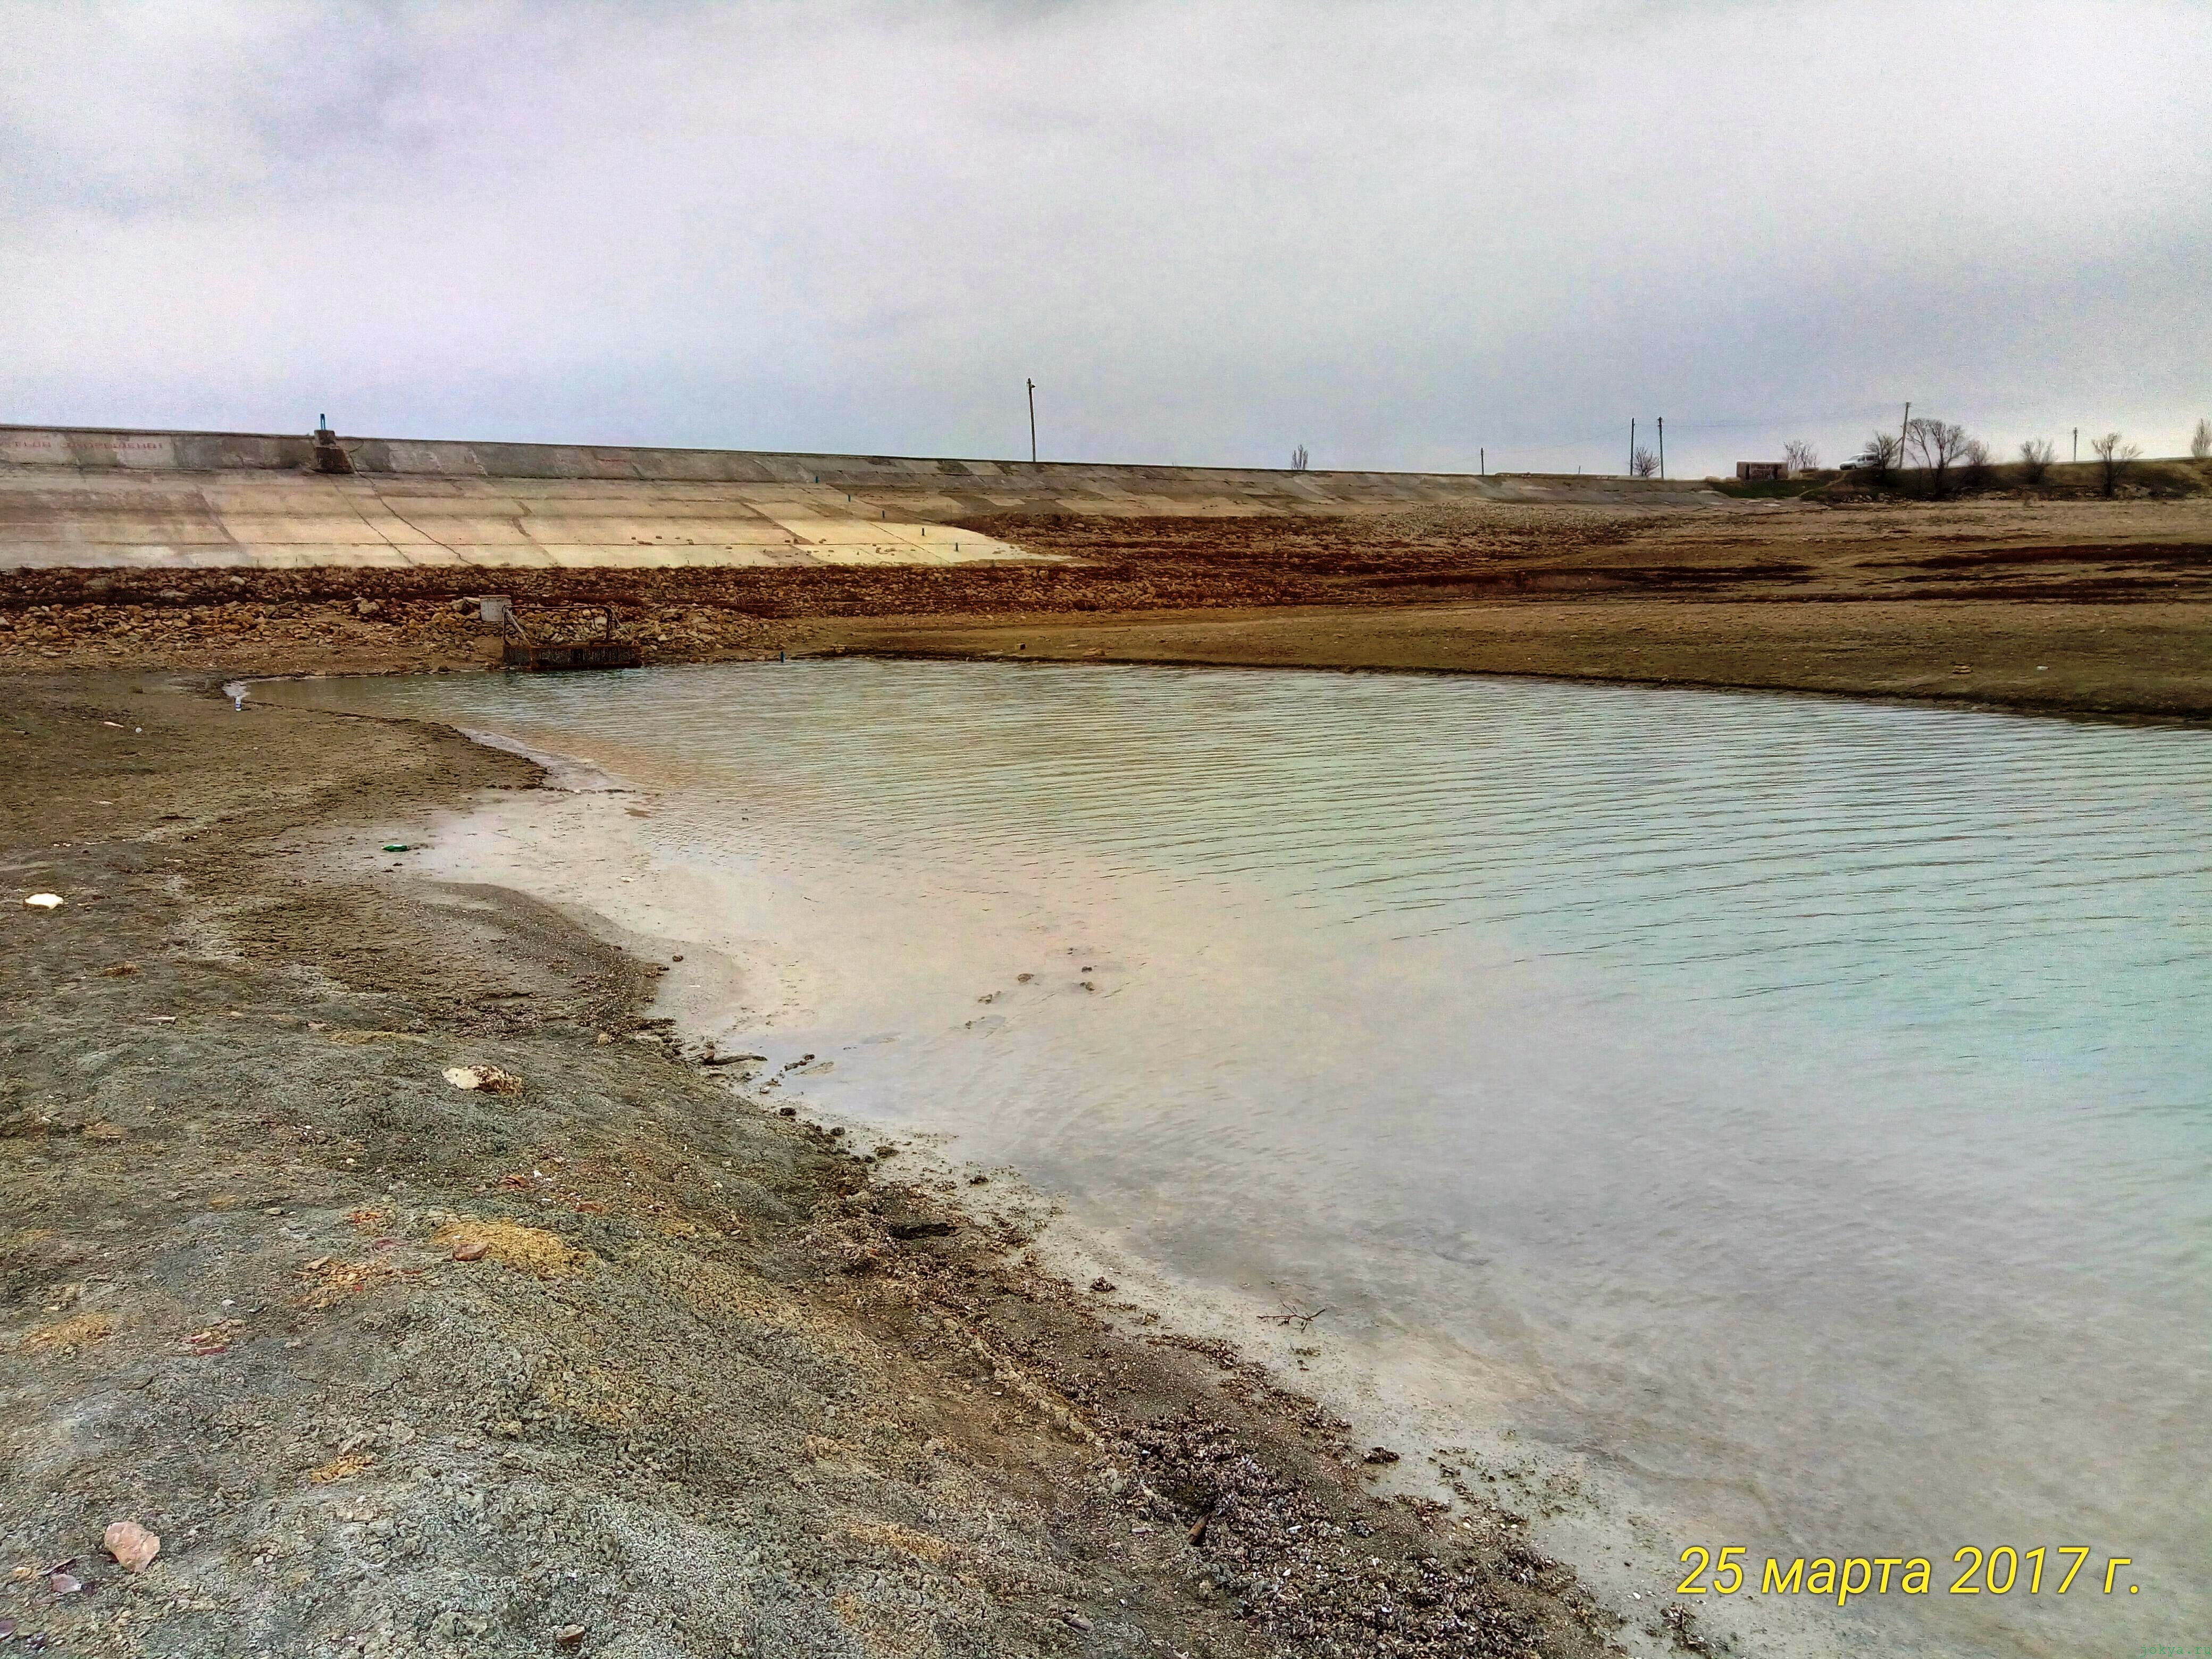 Рыбалка в дождь в Крыму фото заметка о моей реальности в Крыму jokya.ru